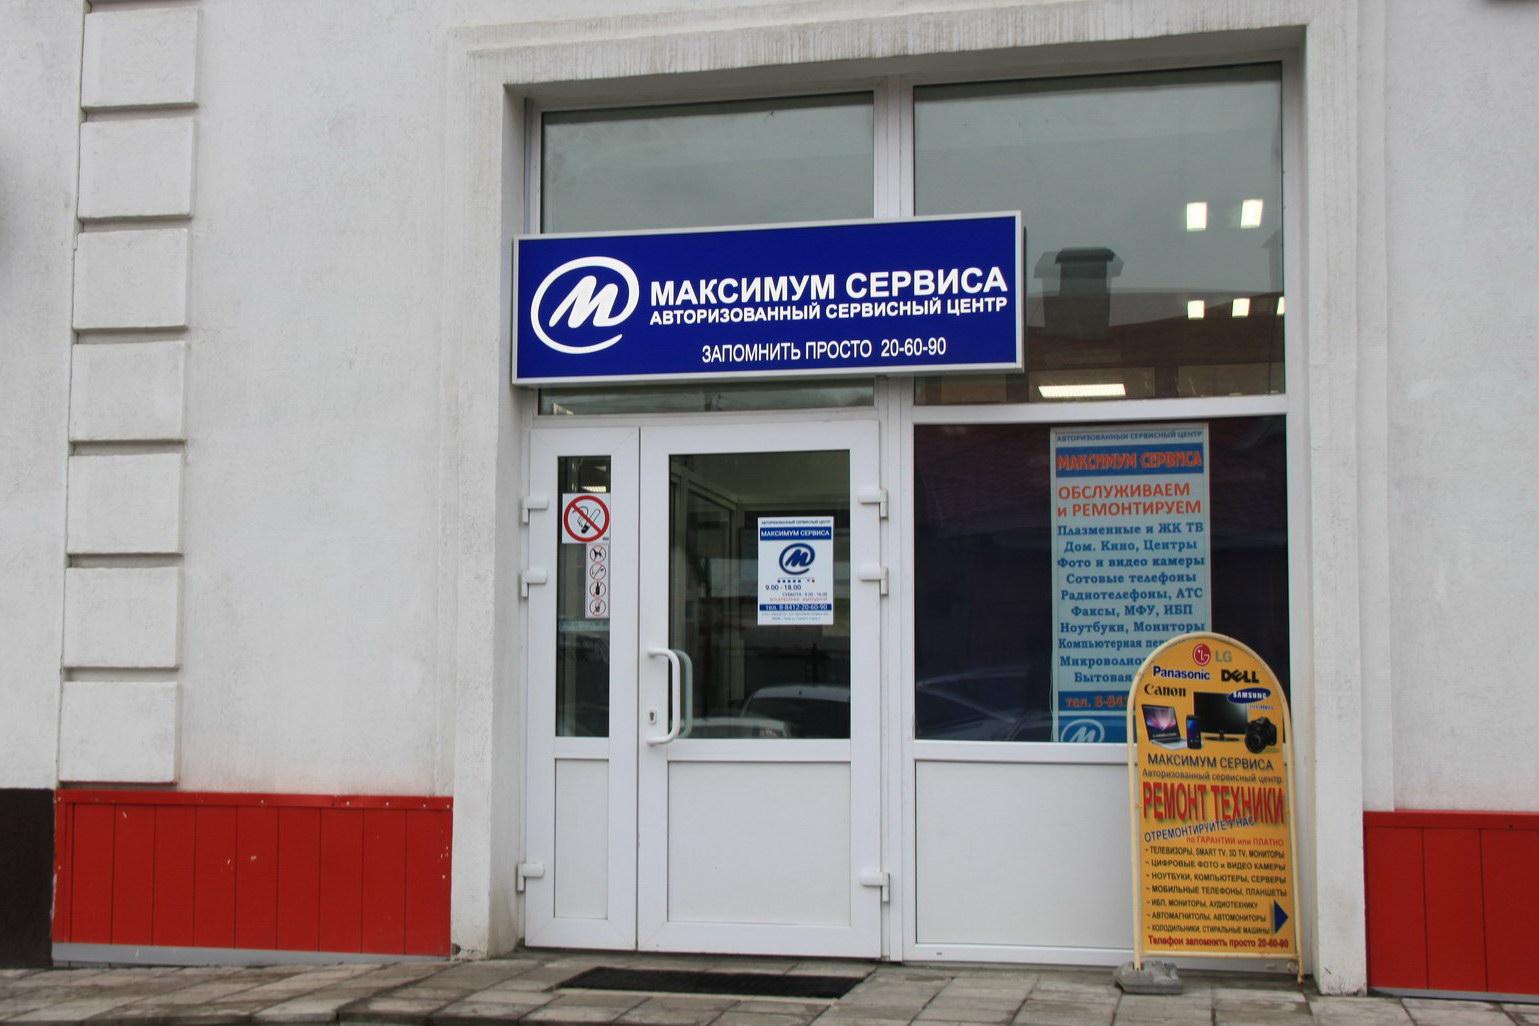 """Приёмный пункт РСЦ """"МАКСИМУМ СЕРВИСА"""" Ставского 4 — Вход"""